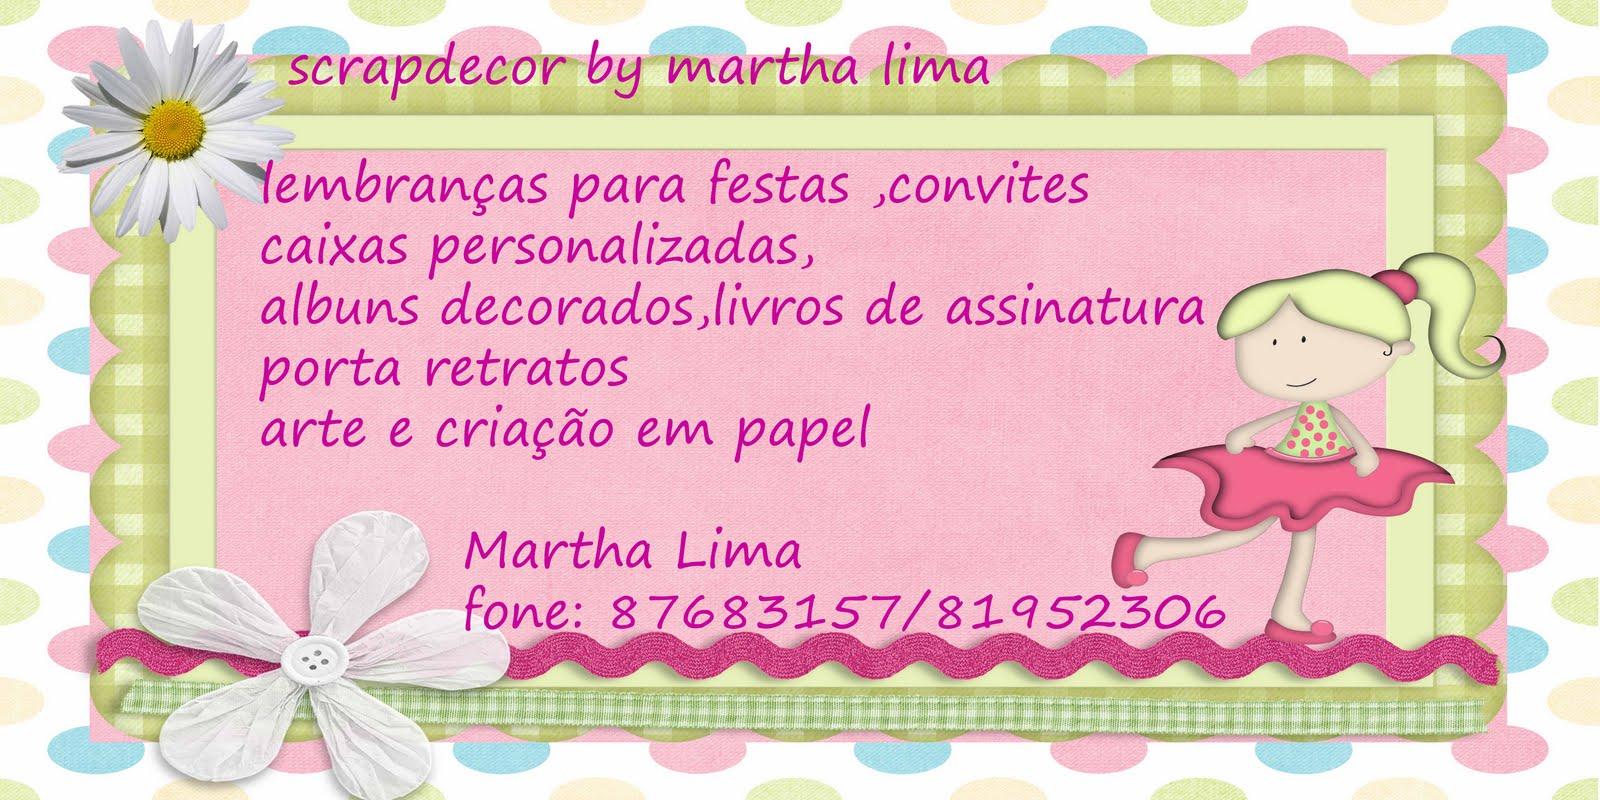 Martha Lima